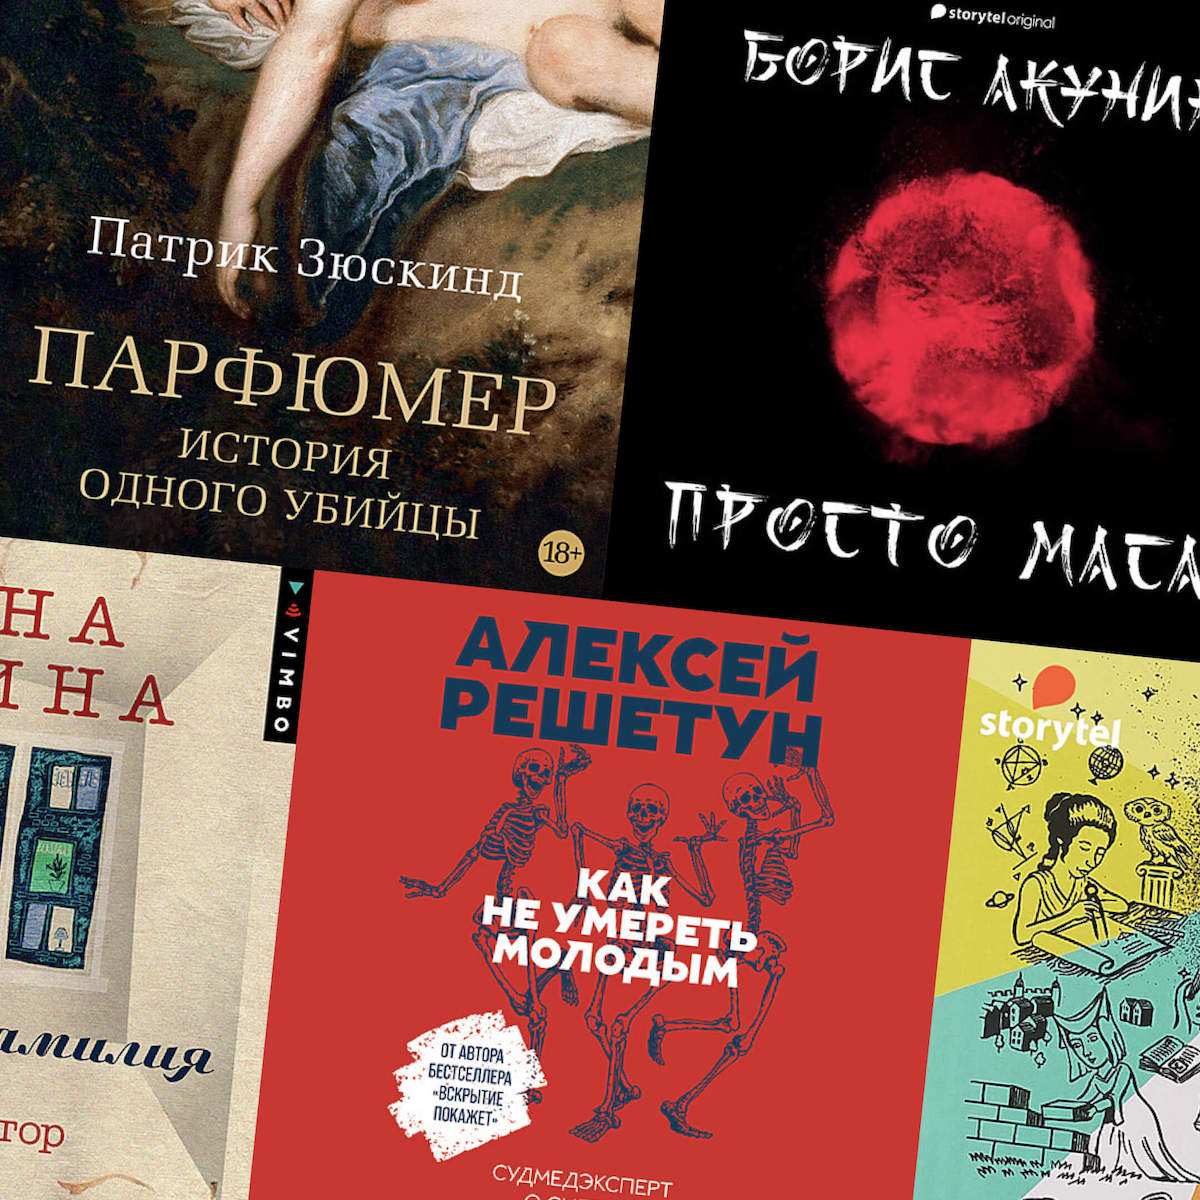 Обложки аудиокниг: «Парфюмер», «Просто Маса», «Двойная фамилия», «Как не умереть молодым», «Краткая история феминизма»